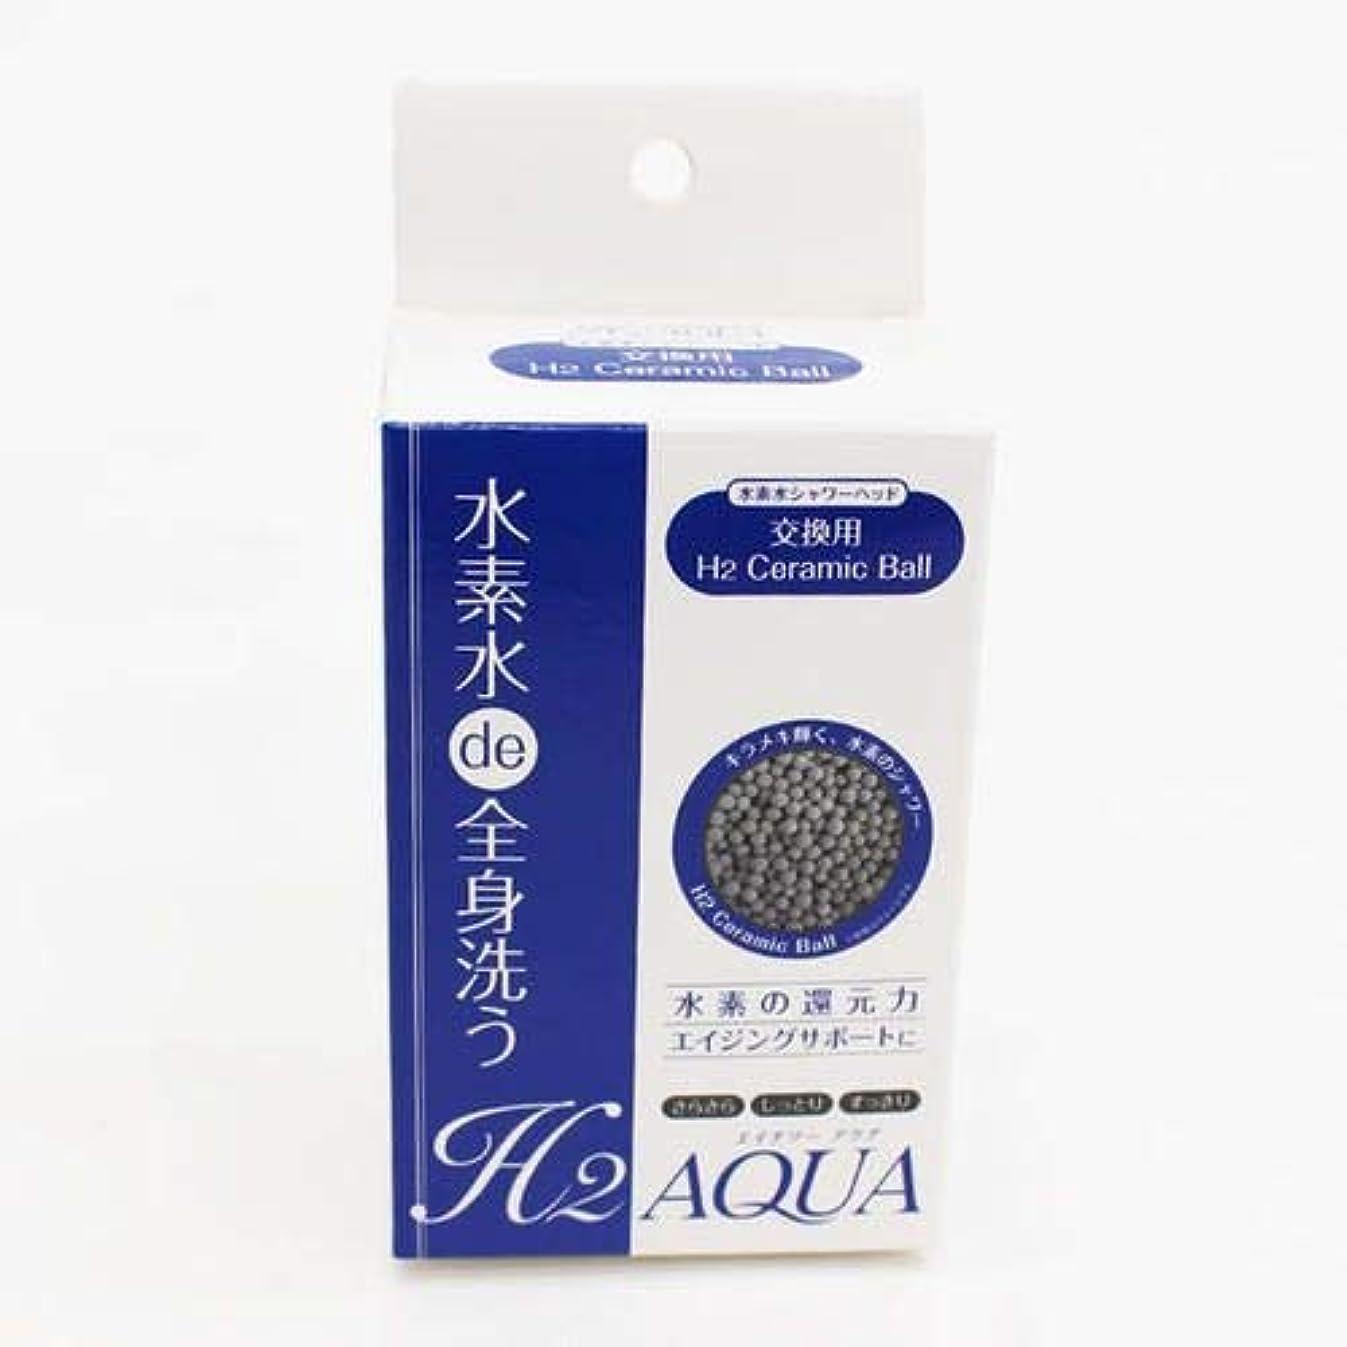 イル溶接プレビスサイト水素水シャワーヘッド 交換用 H2 Ceramic Ball